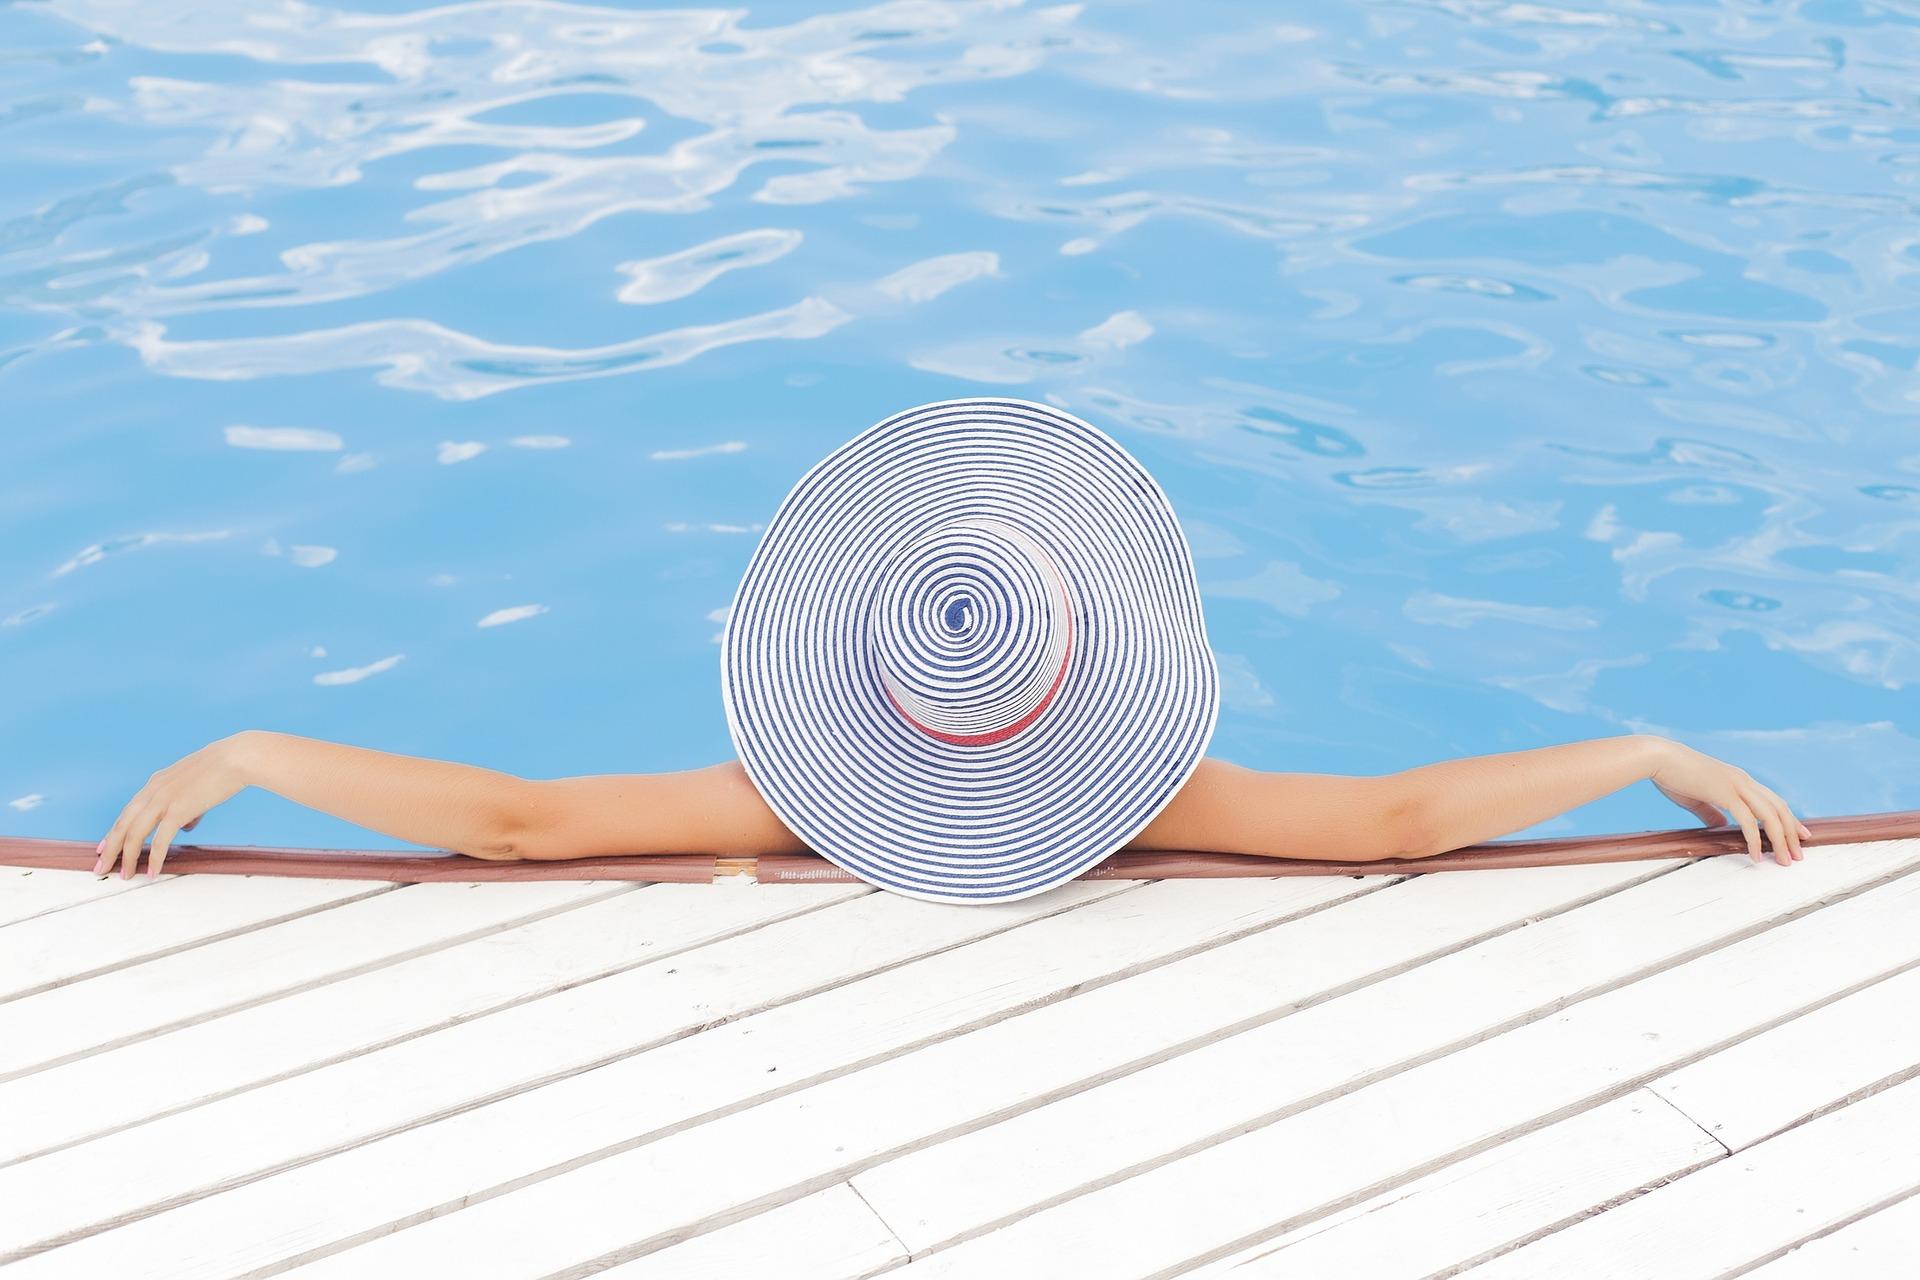 anderhalve meter vakantie mogelijk maken